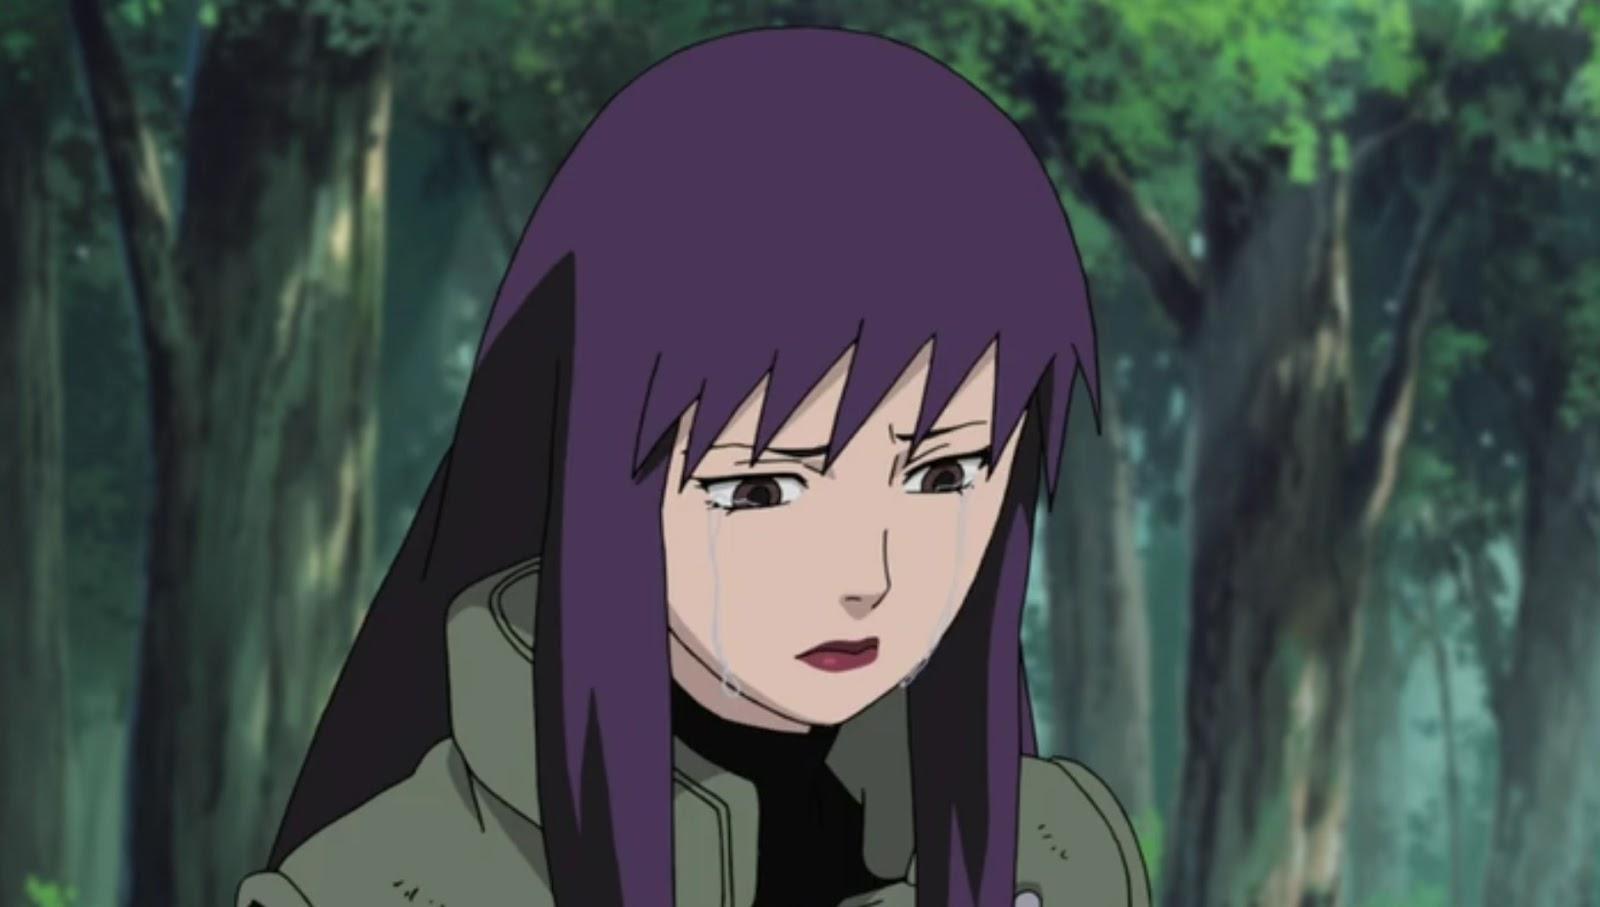 Naruto Shippuden Episódio 308, Assistir Naruto Shippuden Episódio 308, Assistir Naruto Shippuden Todos os Episódios Legendado, Naruto Shippuden episódio 308,HD